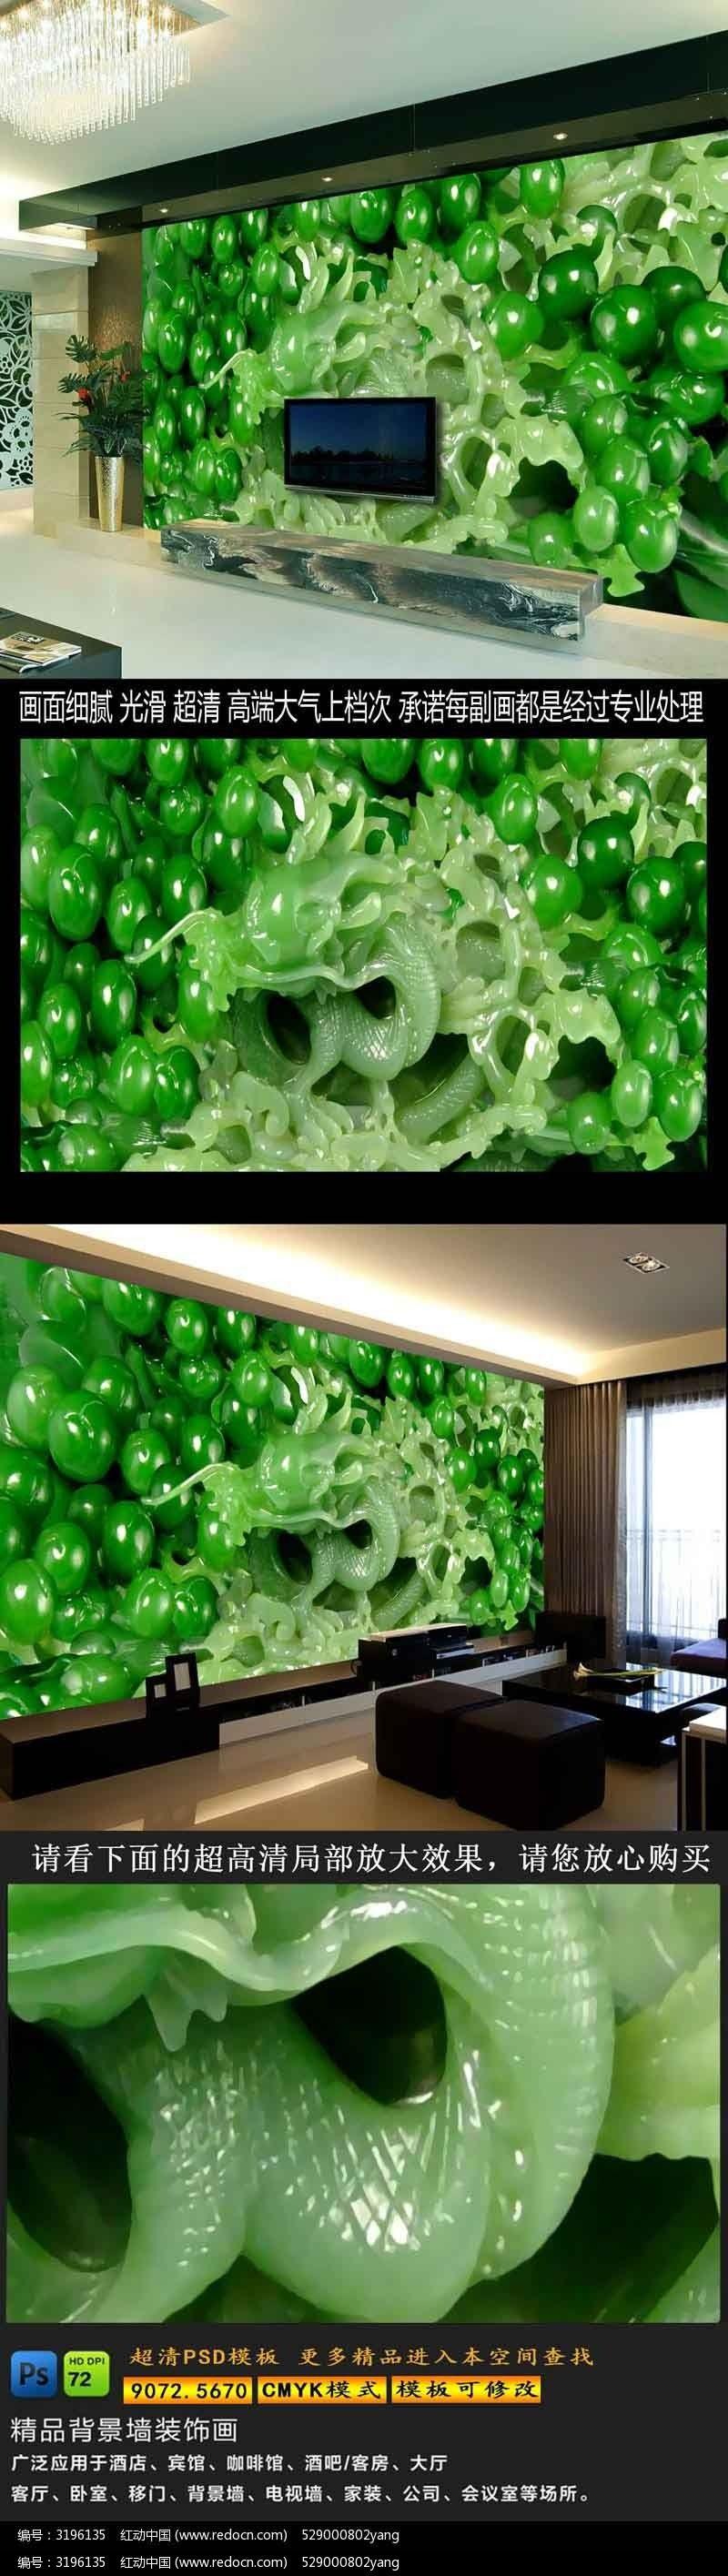 豪华别墅欧式天使丘比特浮雕电视背景墙